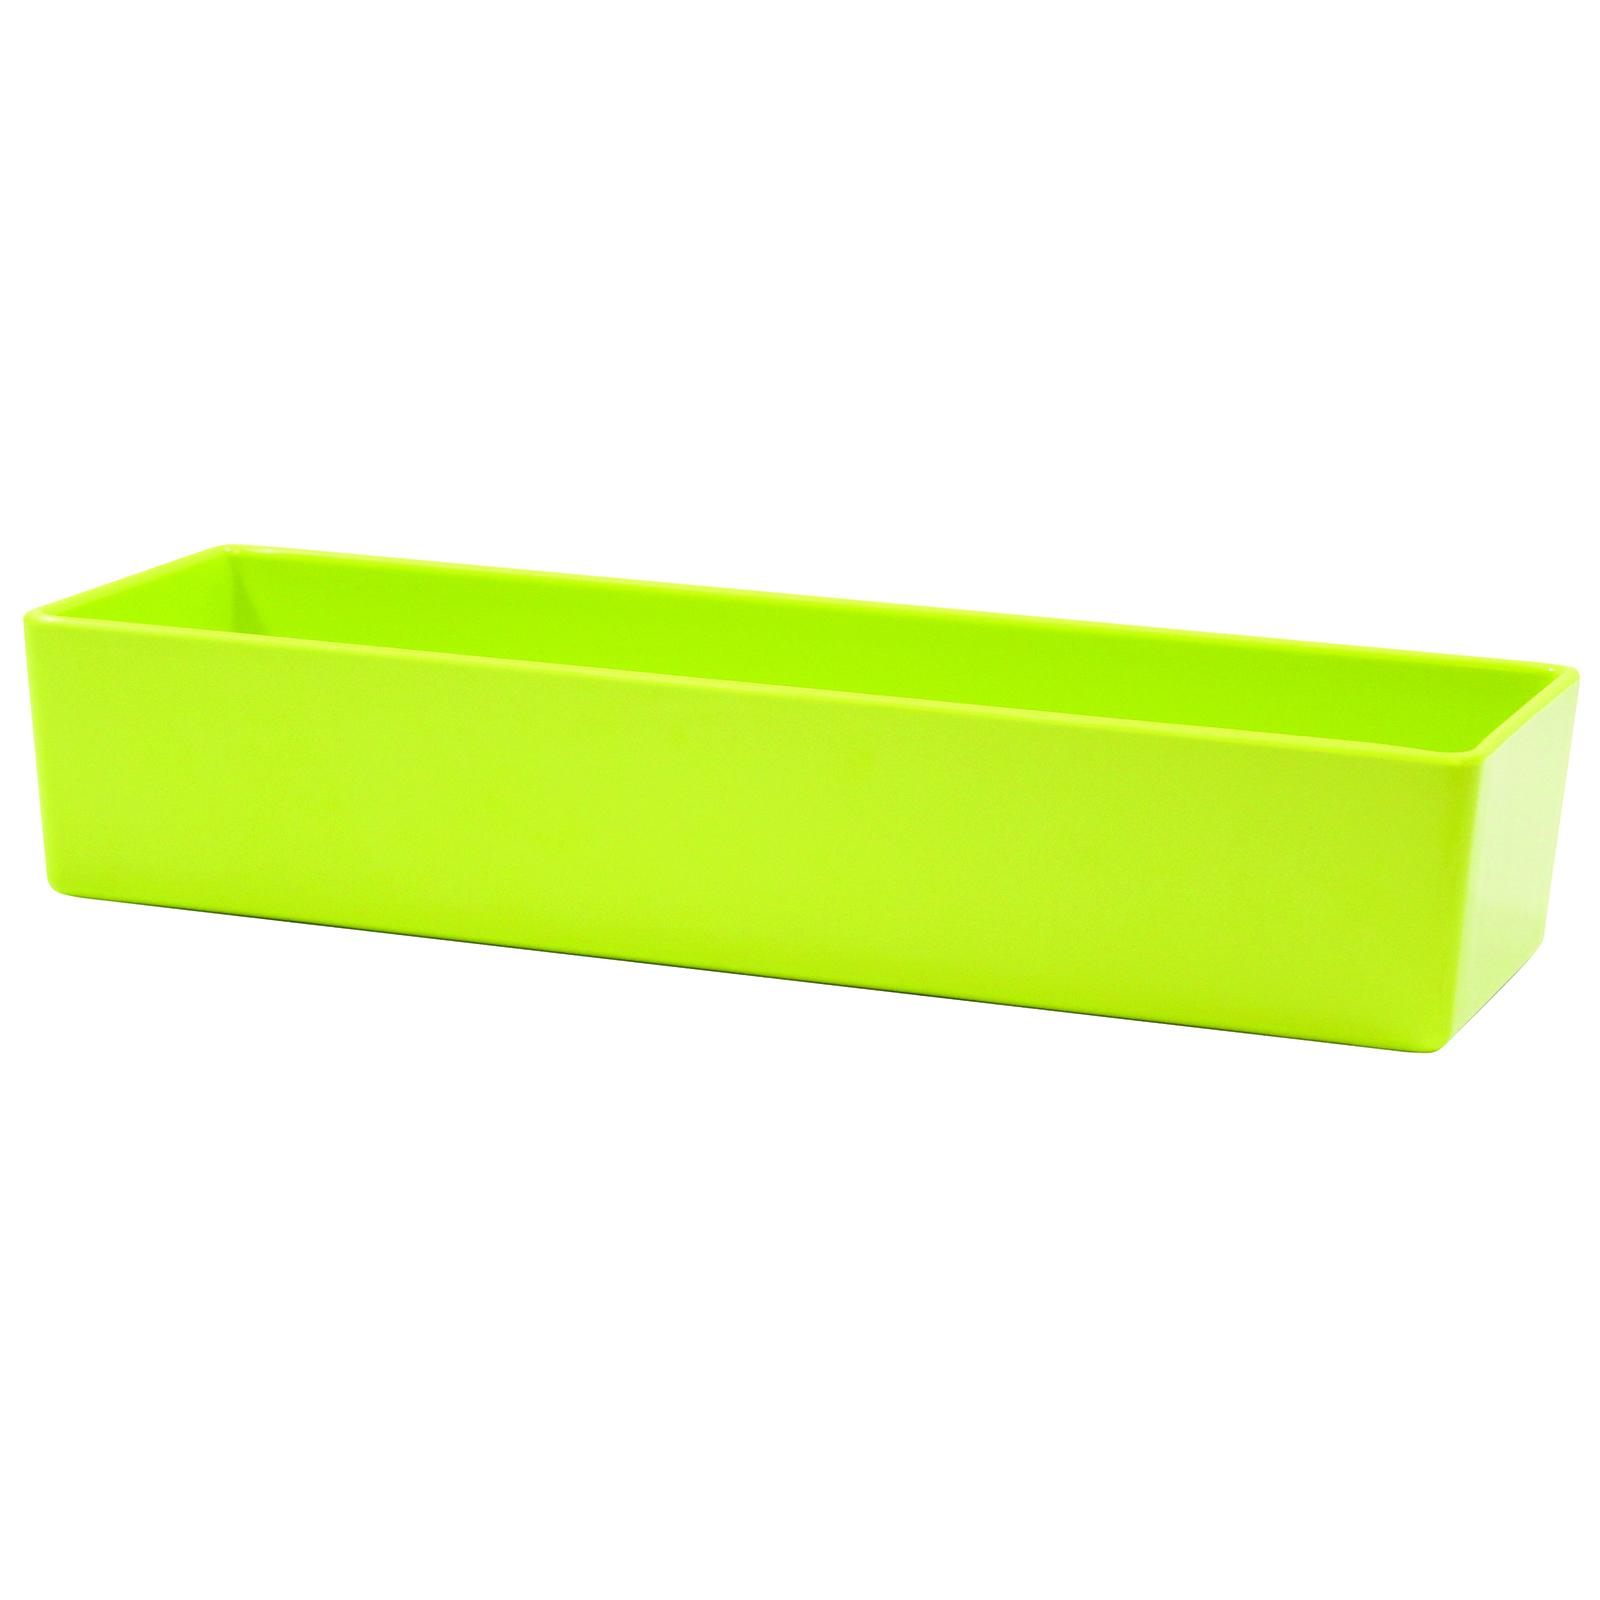 TableCraft Products M4008LG bowl, plastic,  3 - 4 qt (96 - 159 oz)